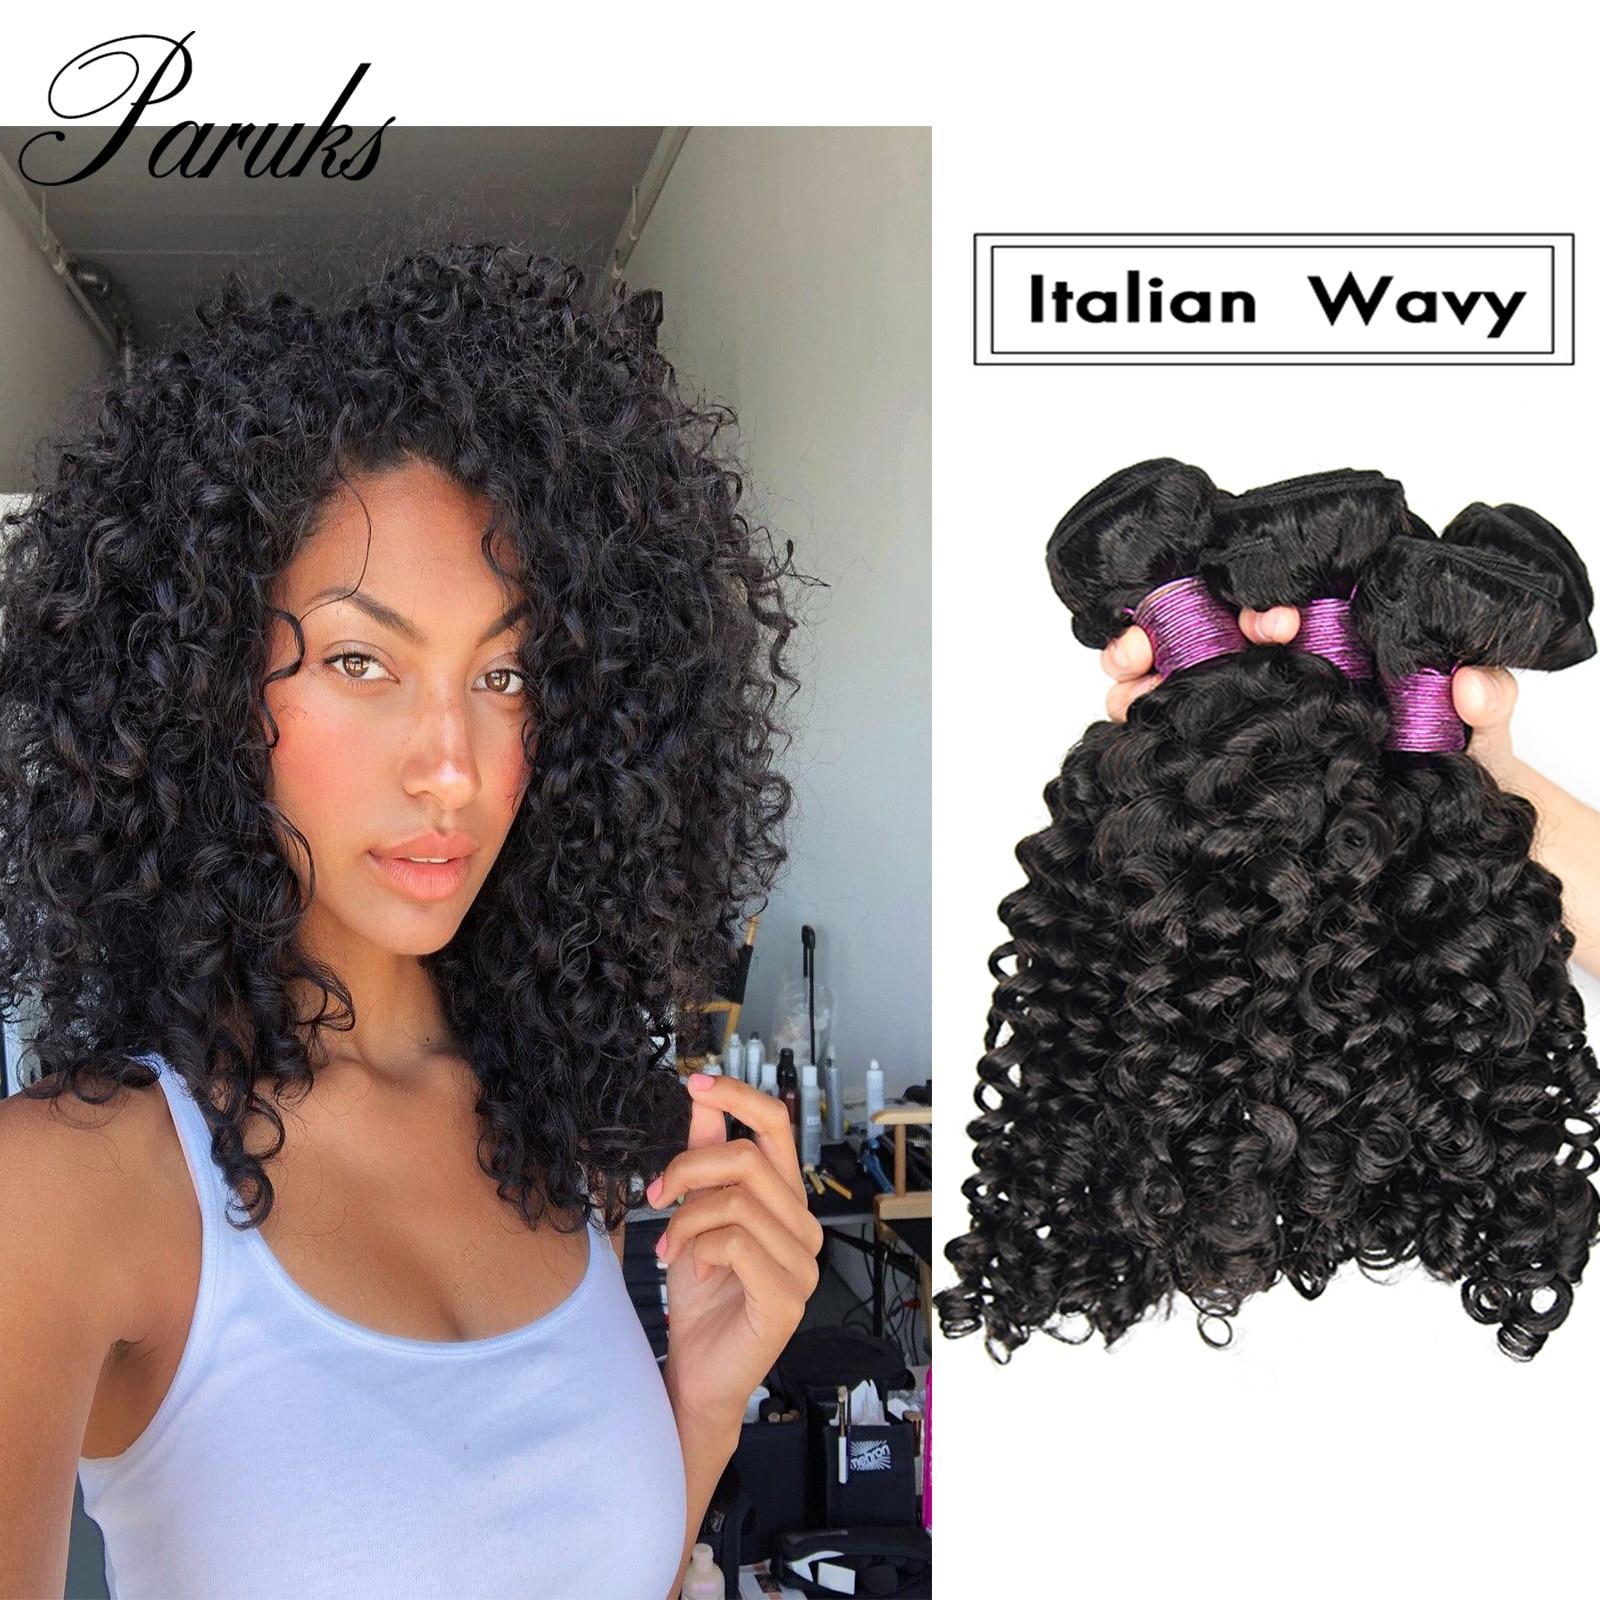 Paruks italiano ondulado pacotes de cabelo indiano 100% não transformados virgem humano extensões do cabelo remy tecer pacotes ondulados|Apliques ondulados|   -